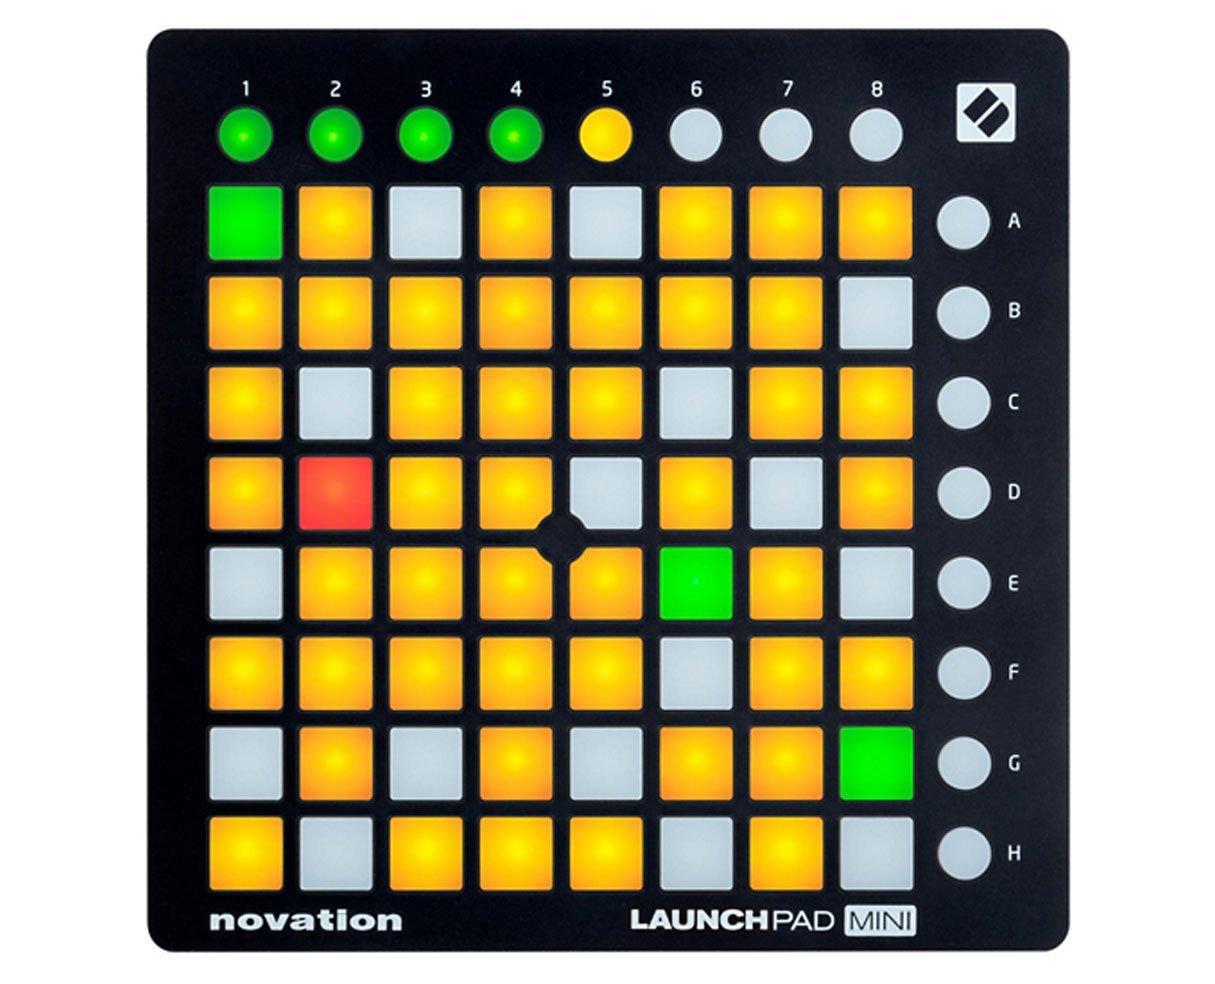 Novation LAUNCHPAD MINI MK2 MKII REFURB B3 USB MIDI DJ Controller 64-Pad (Renewed)